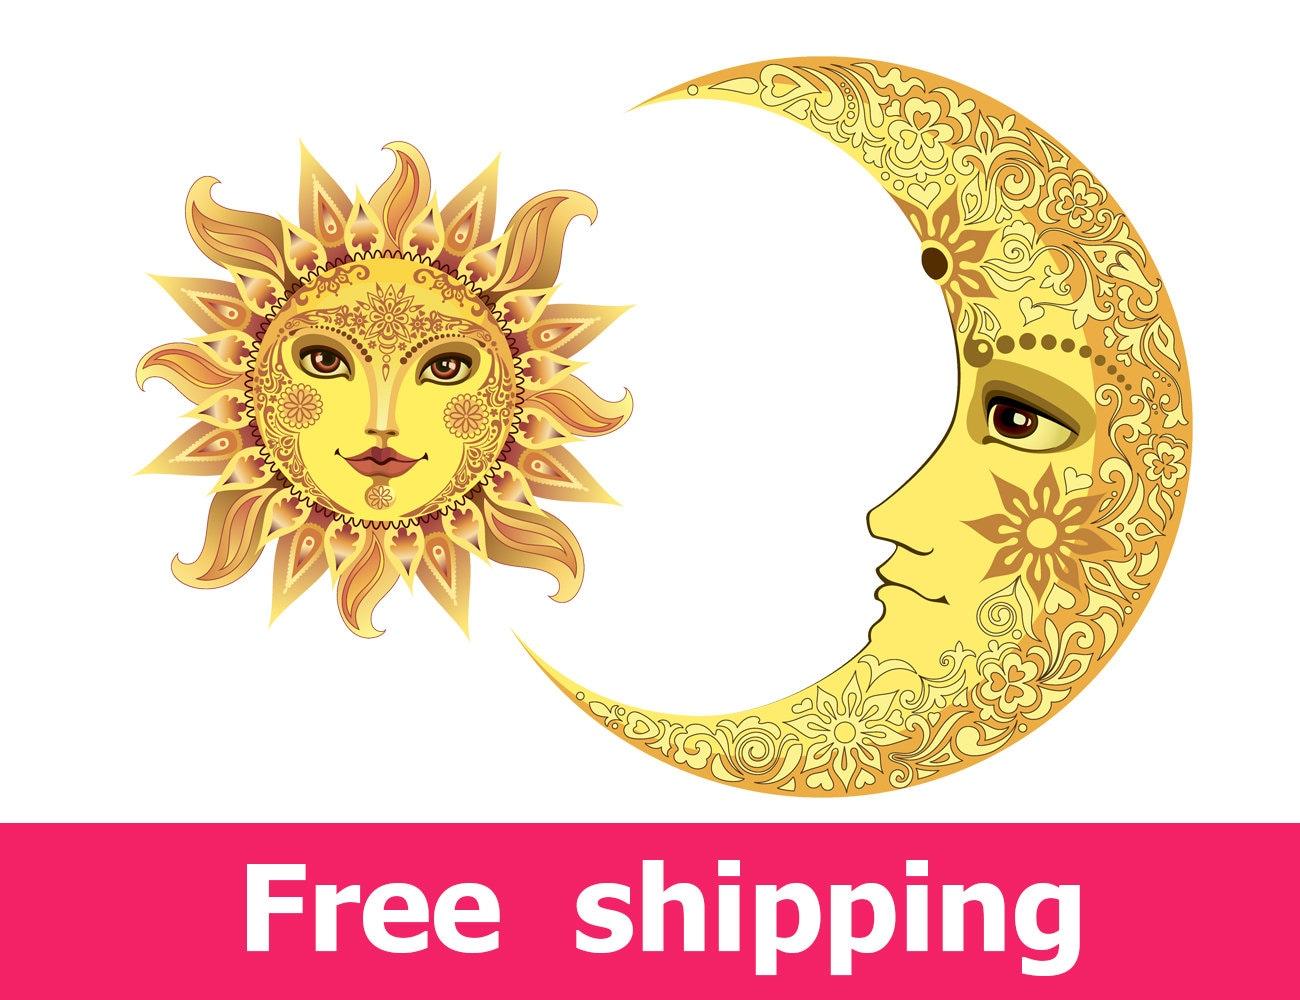 Fine Sun Moon Wall Decor Ensign - All About Wallart - adelgazare.info